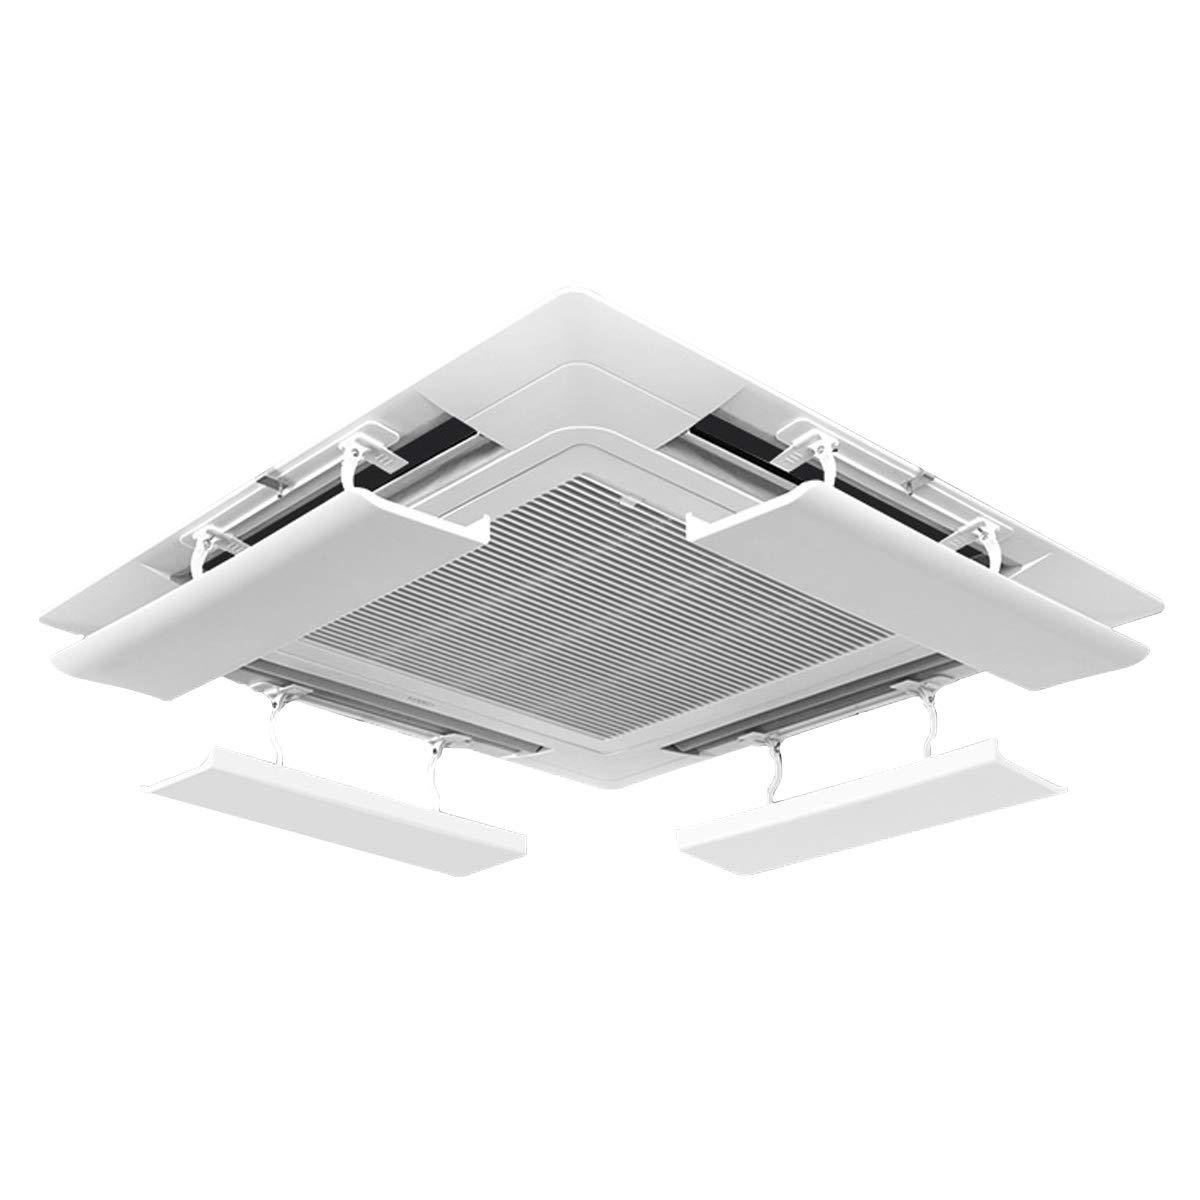 LAFULU(ラフル) エアコン風よけカバー エアコンルーバー 風よけ 風避け 冷房 暖房 風向きを自由に調整 風の直撃防止 壁に穴あけ不要 多機種対応 取り付け簡単